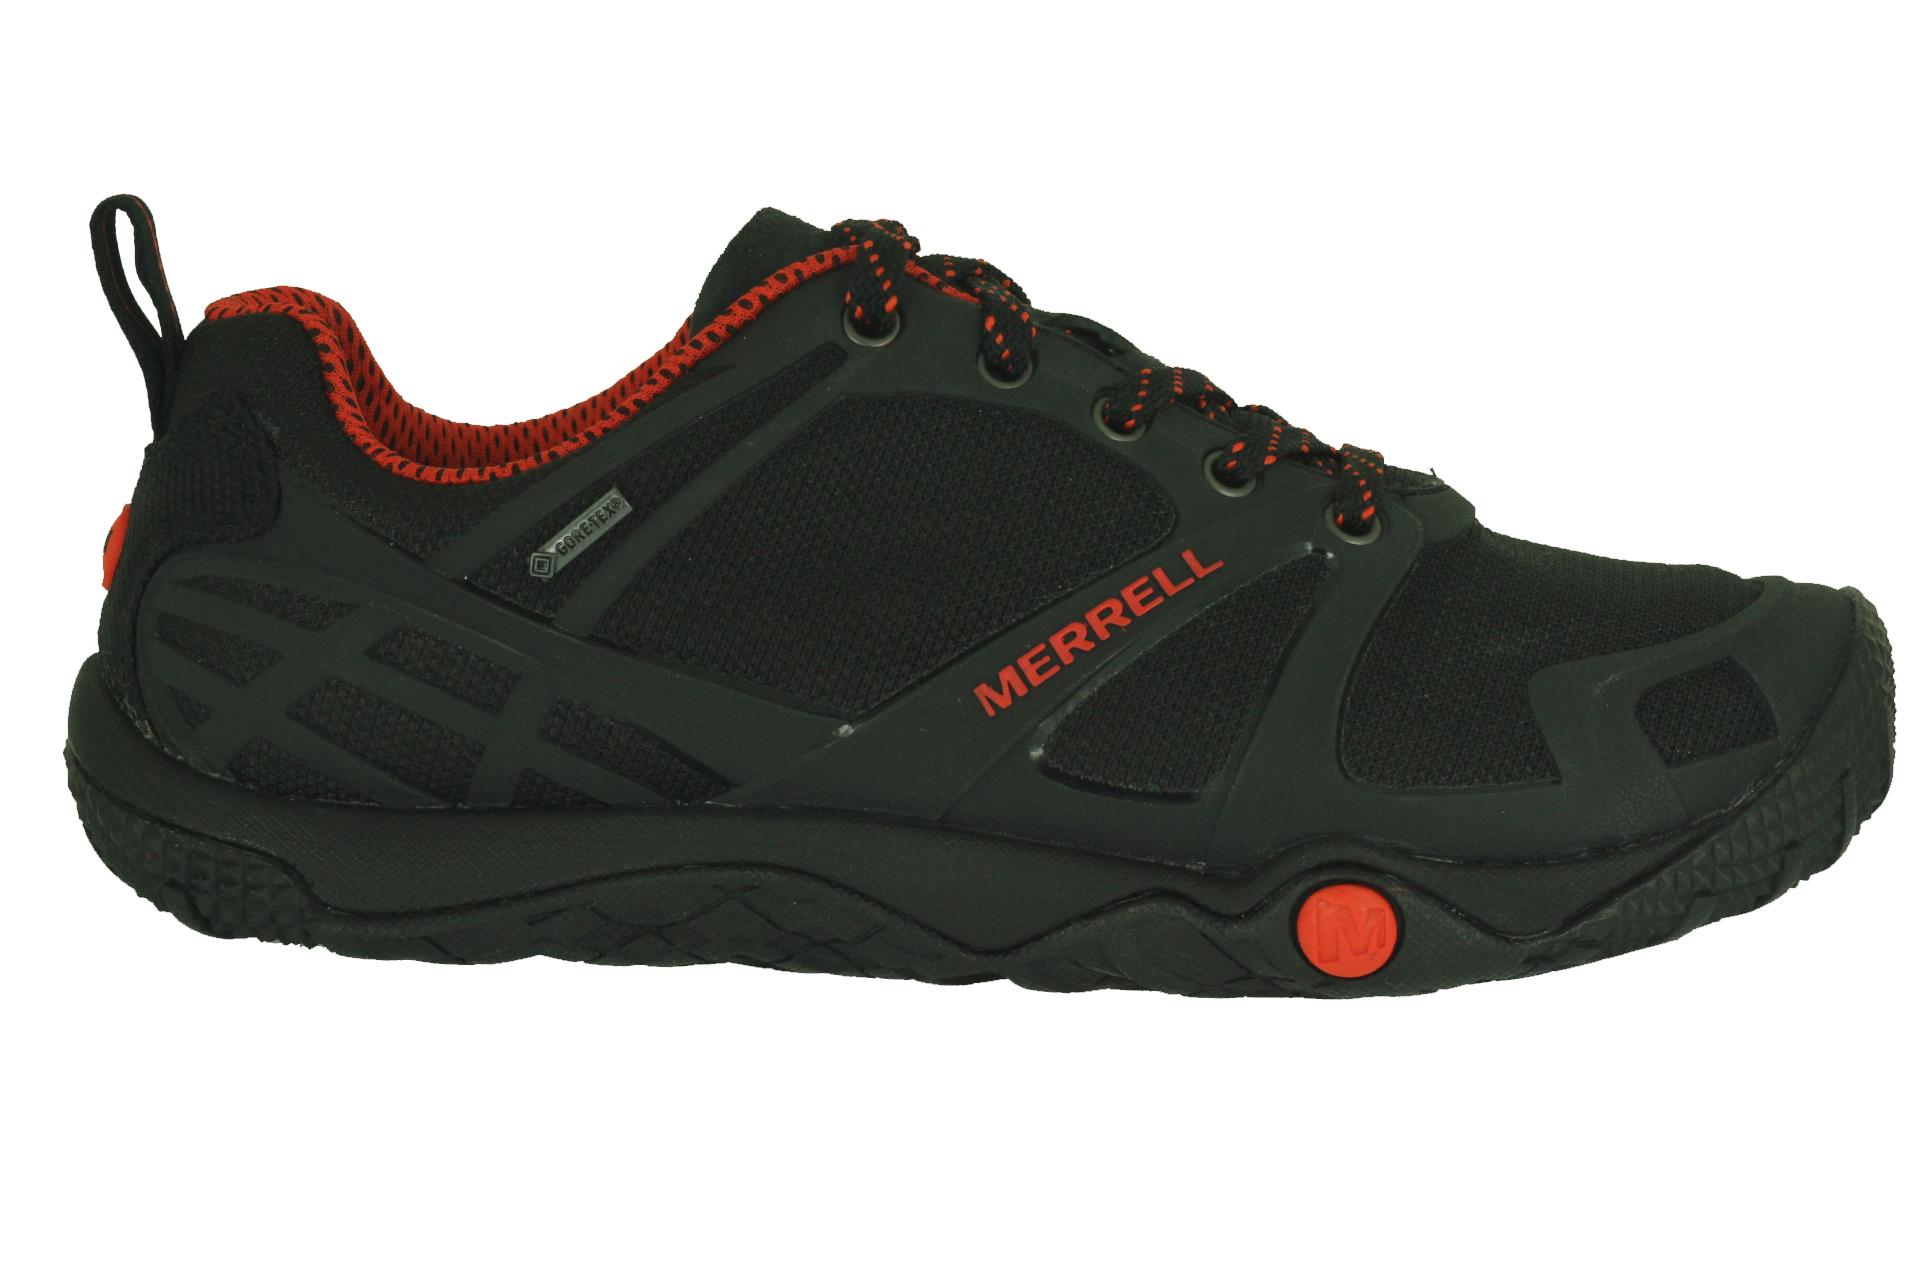 248d110c7e87 Merrell Proterra Sport Gtx Black Erkek Ayakkabı Fiyatı Koçal ...